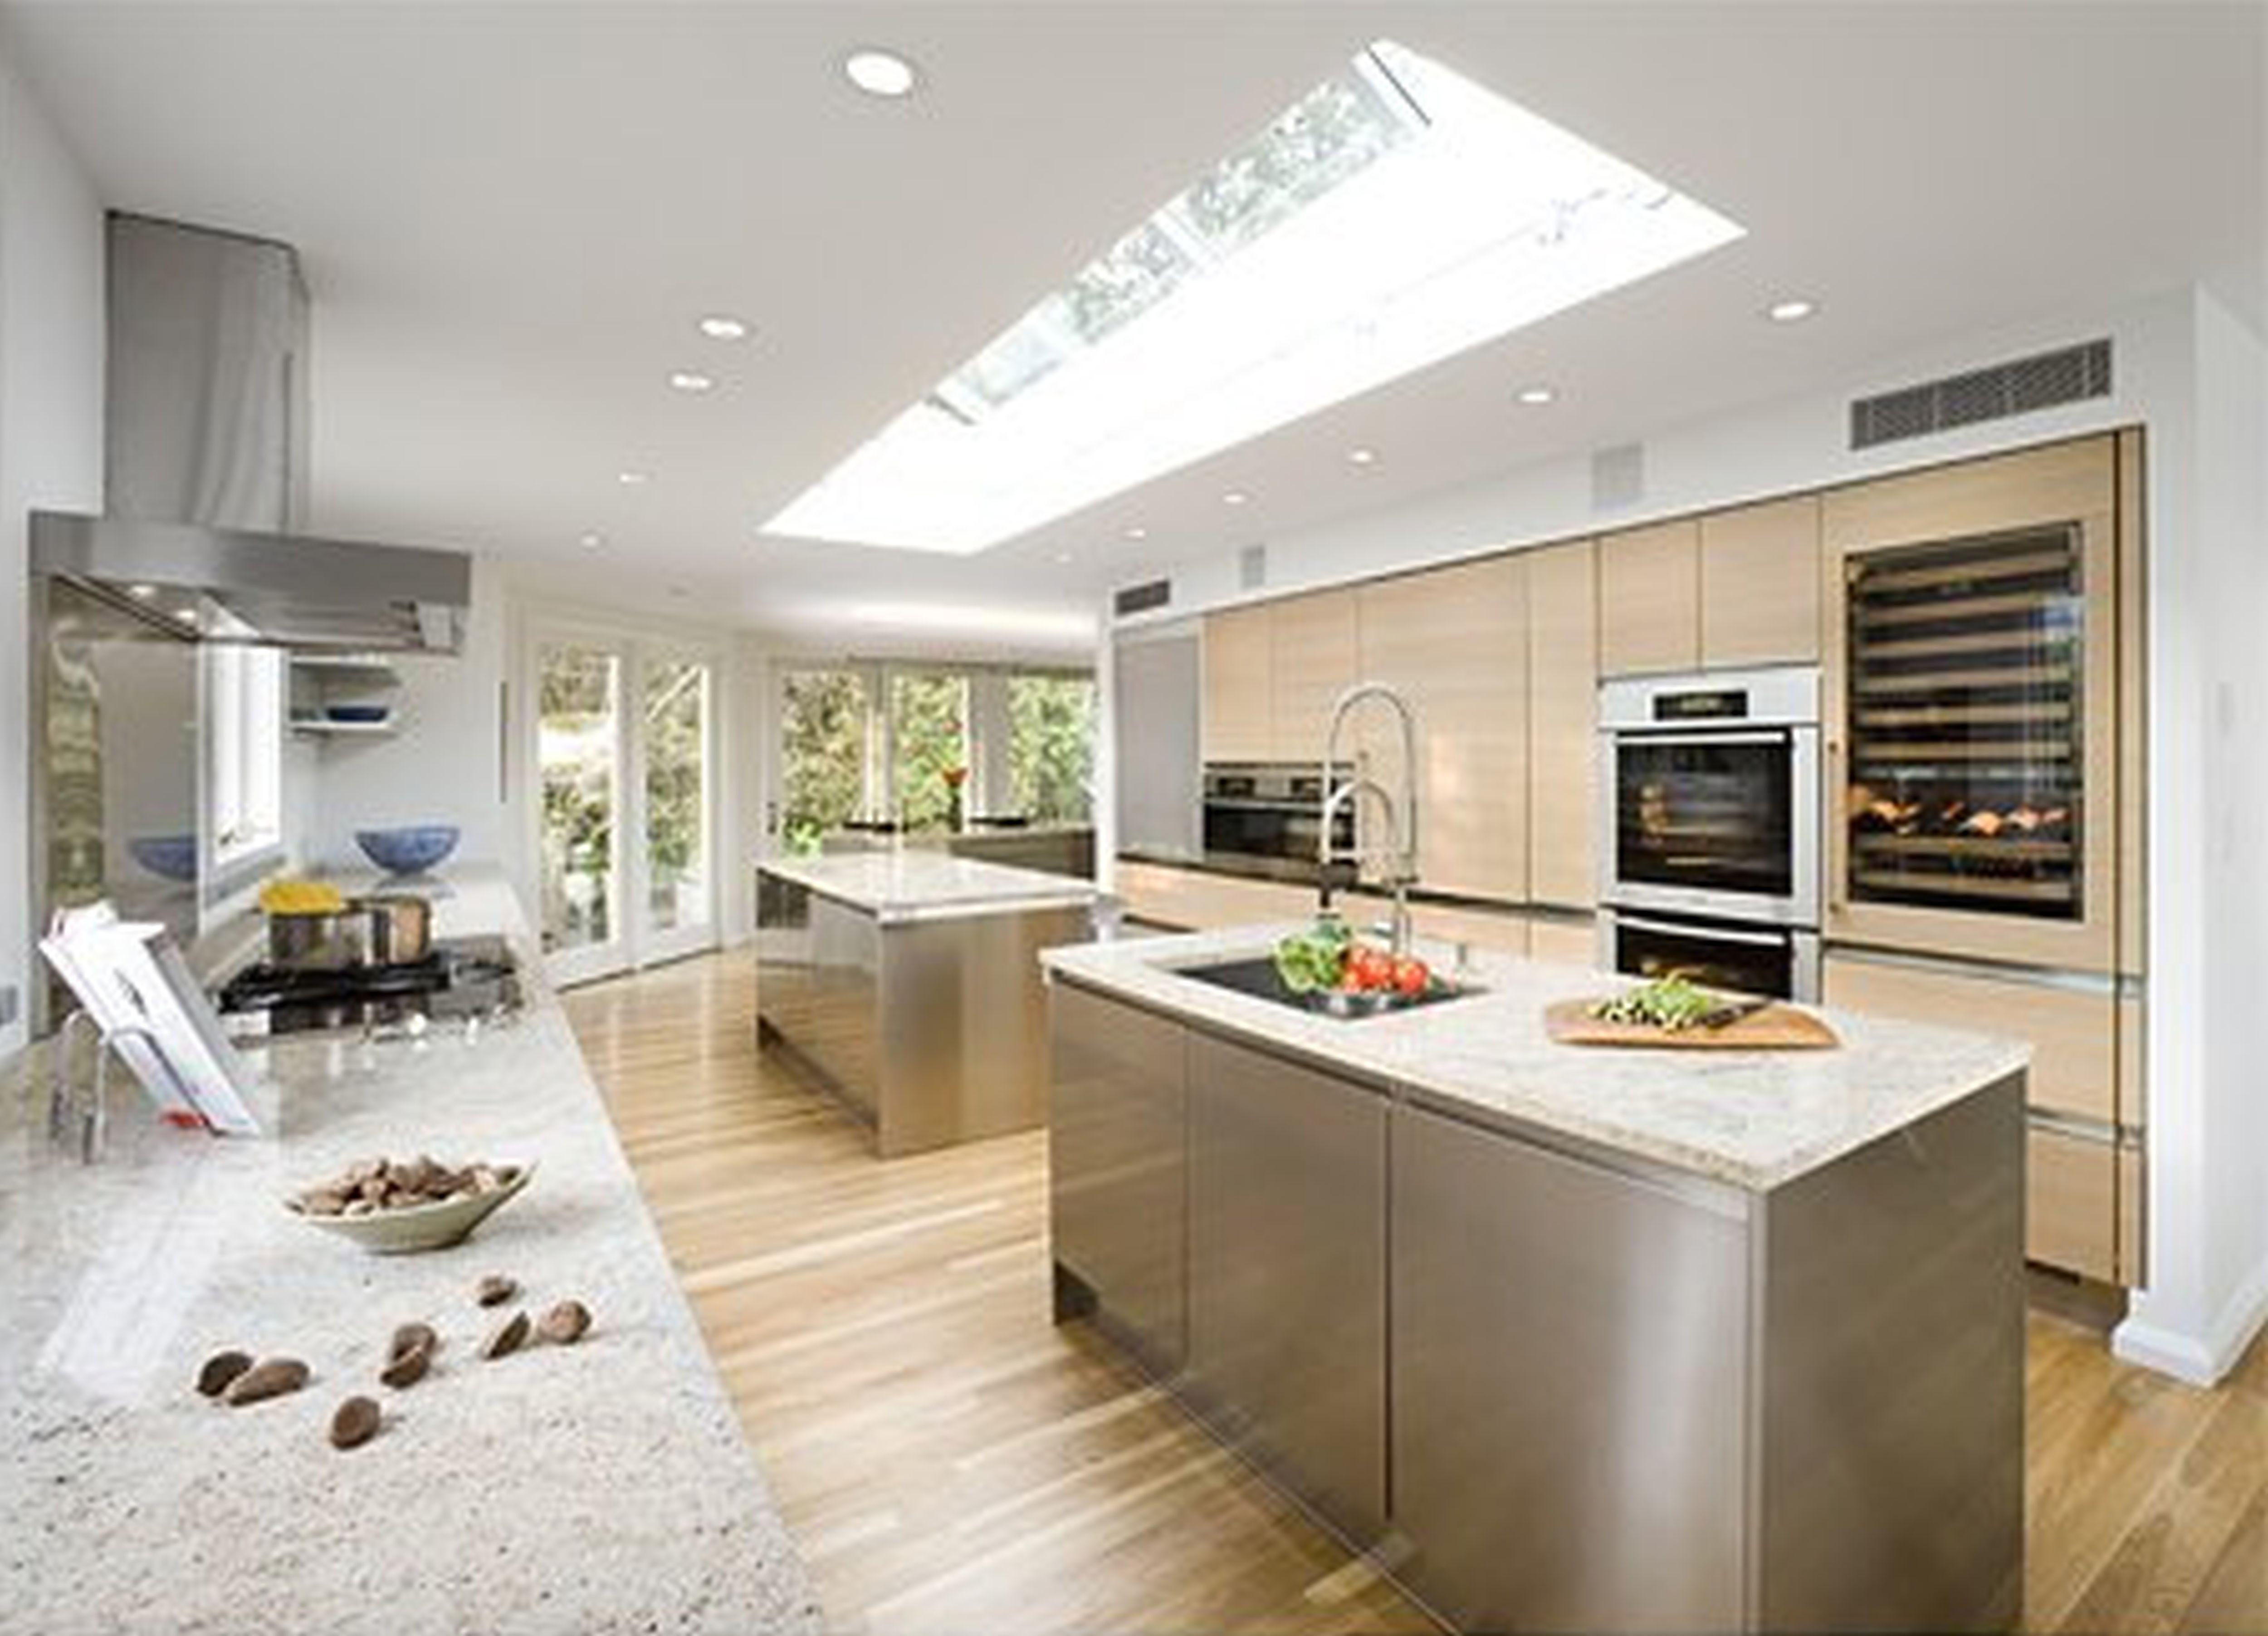 kitchen design ideas beautiful photo - 5